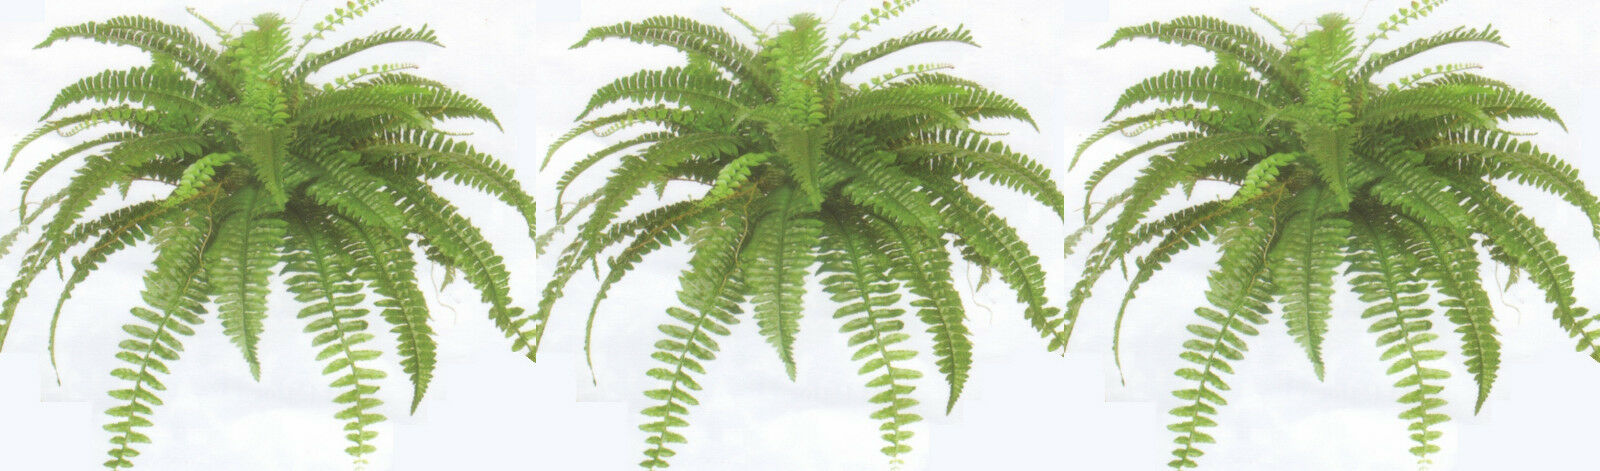 3 BOSTON FERN 38  SPREAD X 48 SILK LEAF BUSH PLANT ARTIFICIAL ARRANGEMENT PORCH